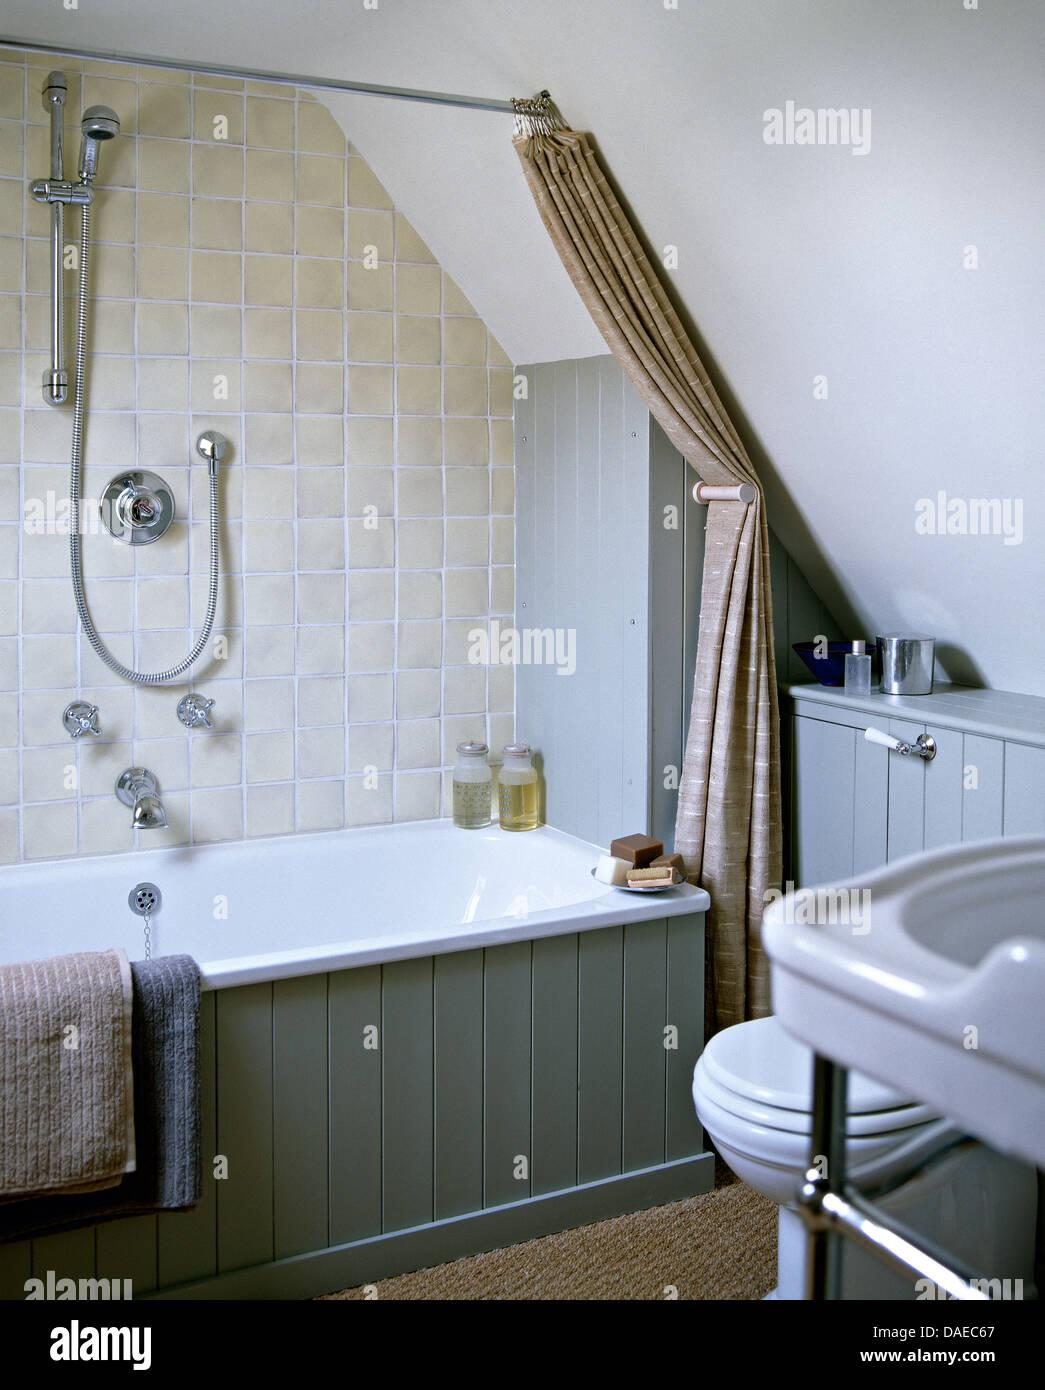 Piastrelle grigie bagni moderni mattonelle per bagno ceramica e